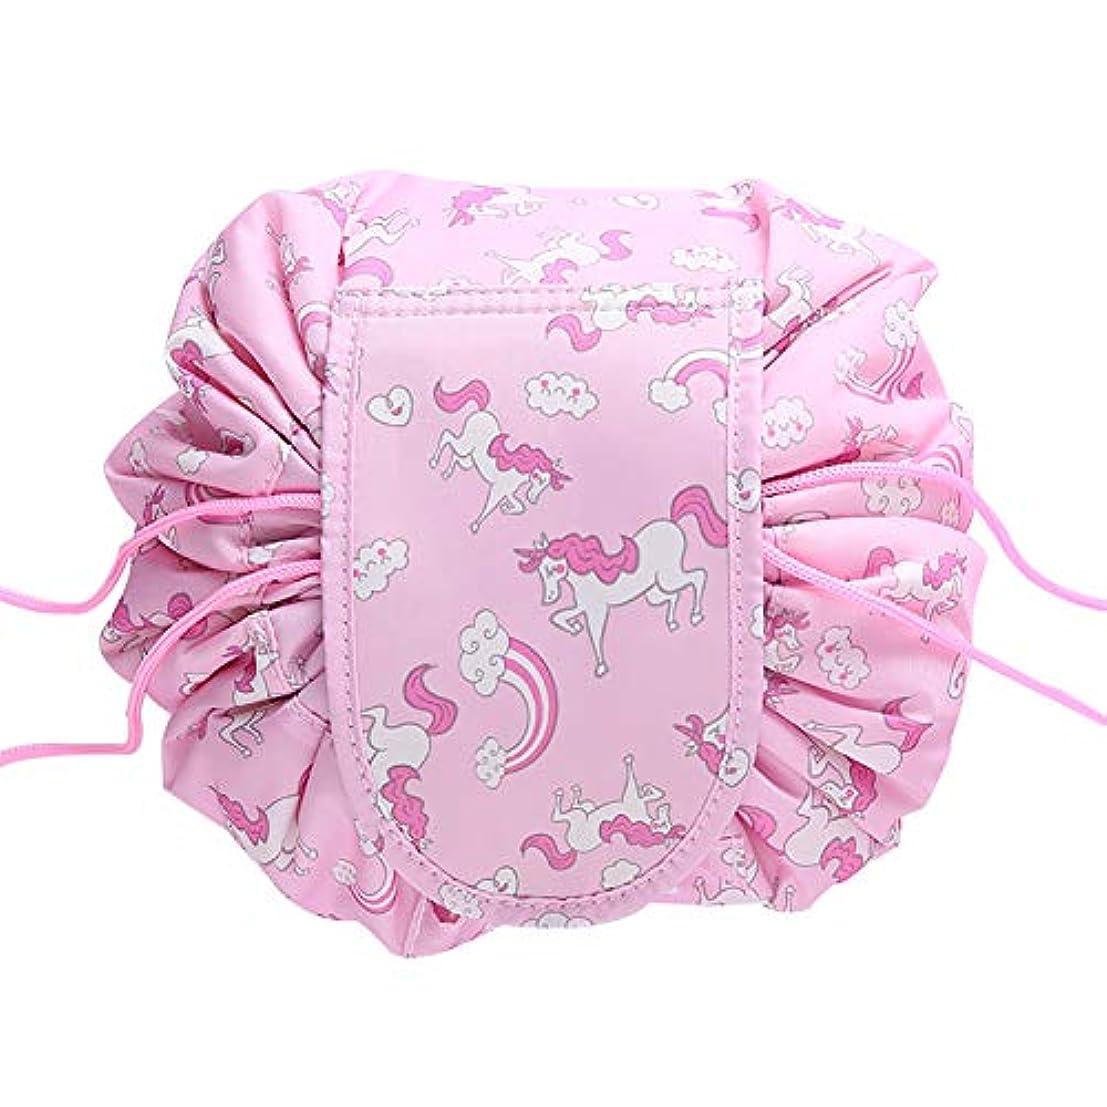 モック出力素晴らしきHersent 道具袋 吸って縄バッグ 化粧ポーチ 化粧バッグ 収納バッグ メイクバッグ 携帯便利 トイレタリーバッグ 怠け者のゴスペル 防水 大容量 (ピンクユニコーン)